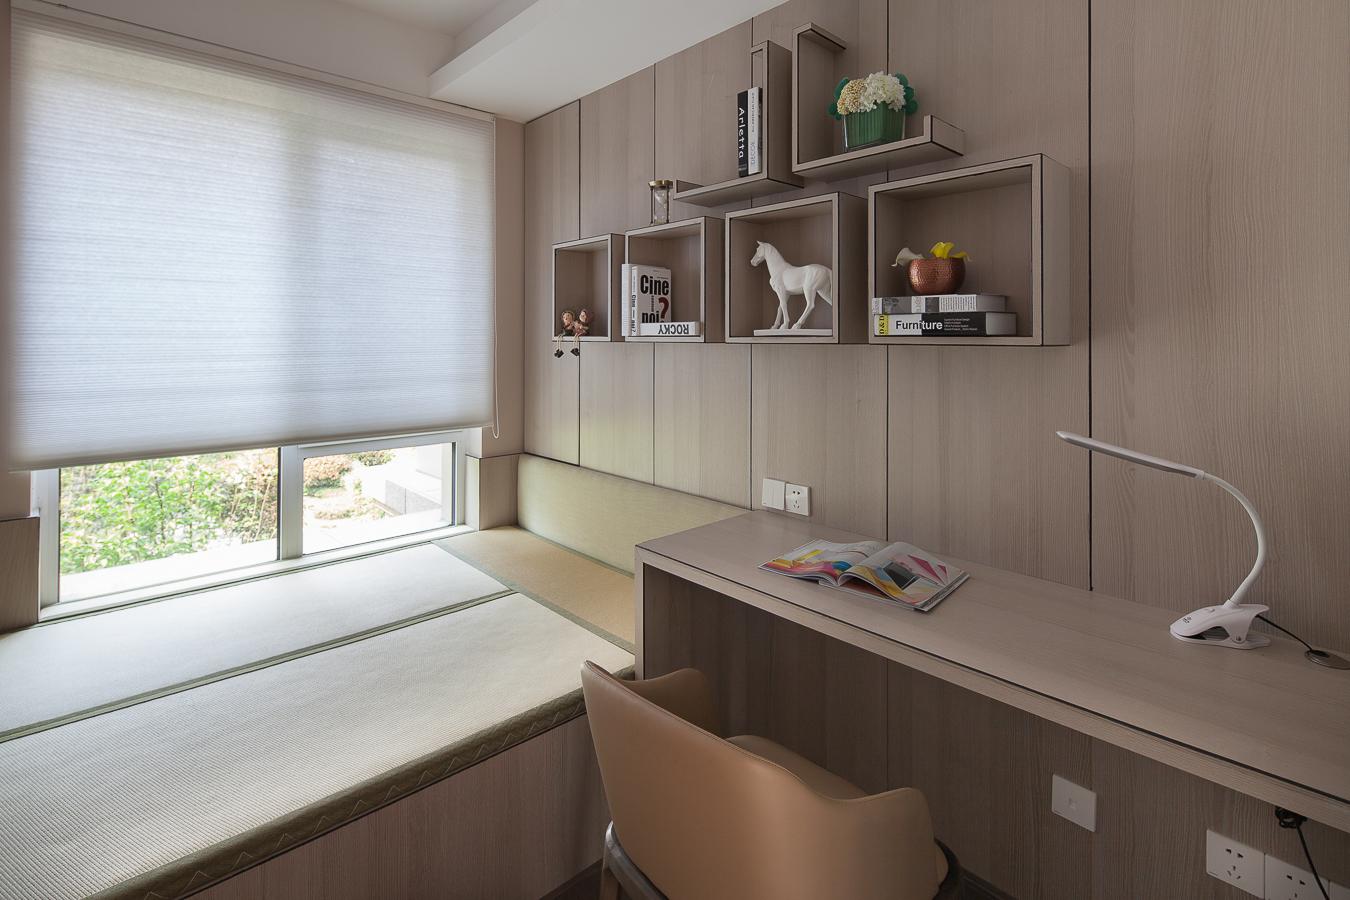 榻榻米书房设计,主要是用来储物,光线很好,平时在这里办公休憩都不错。